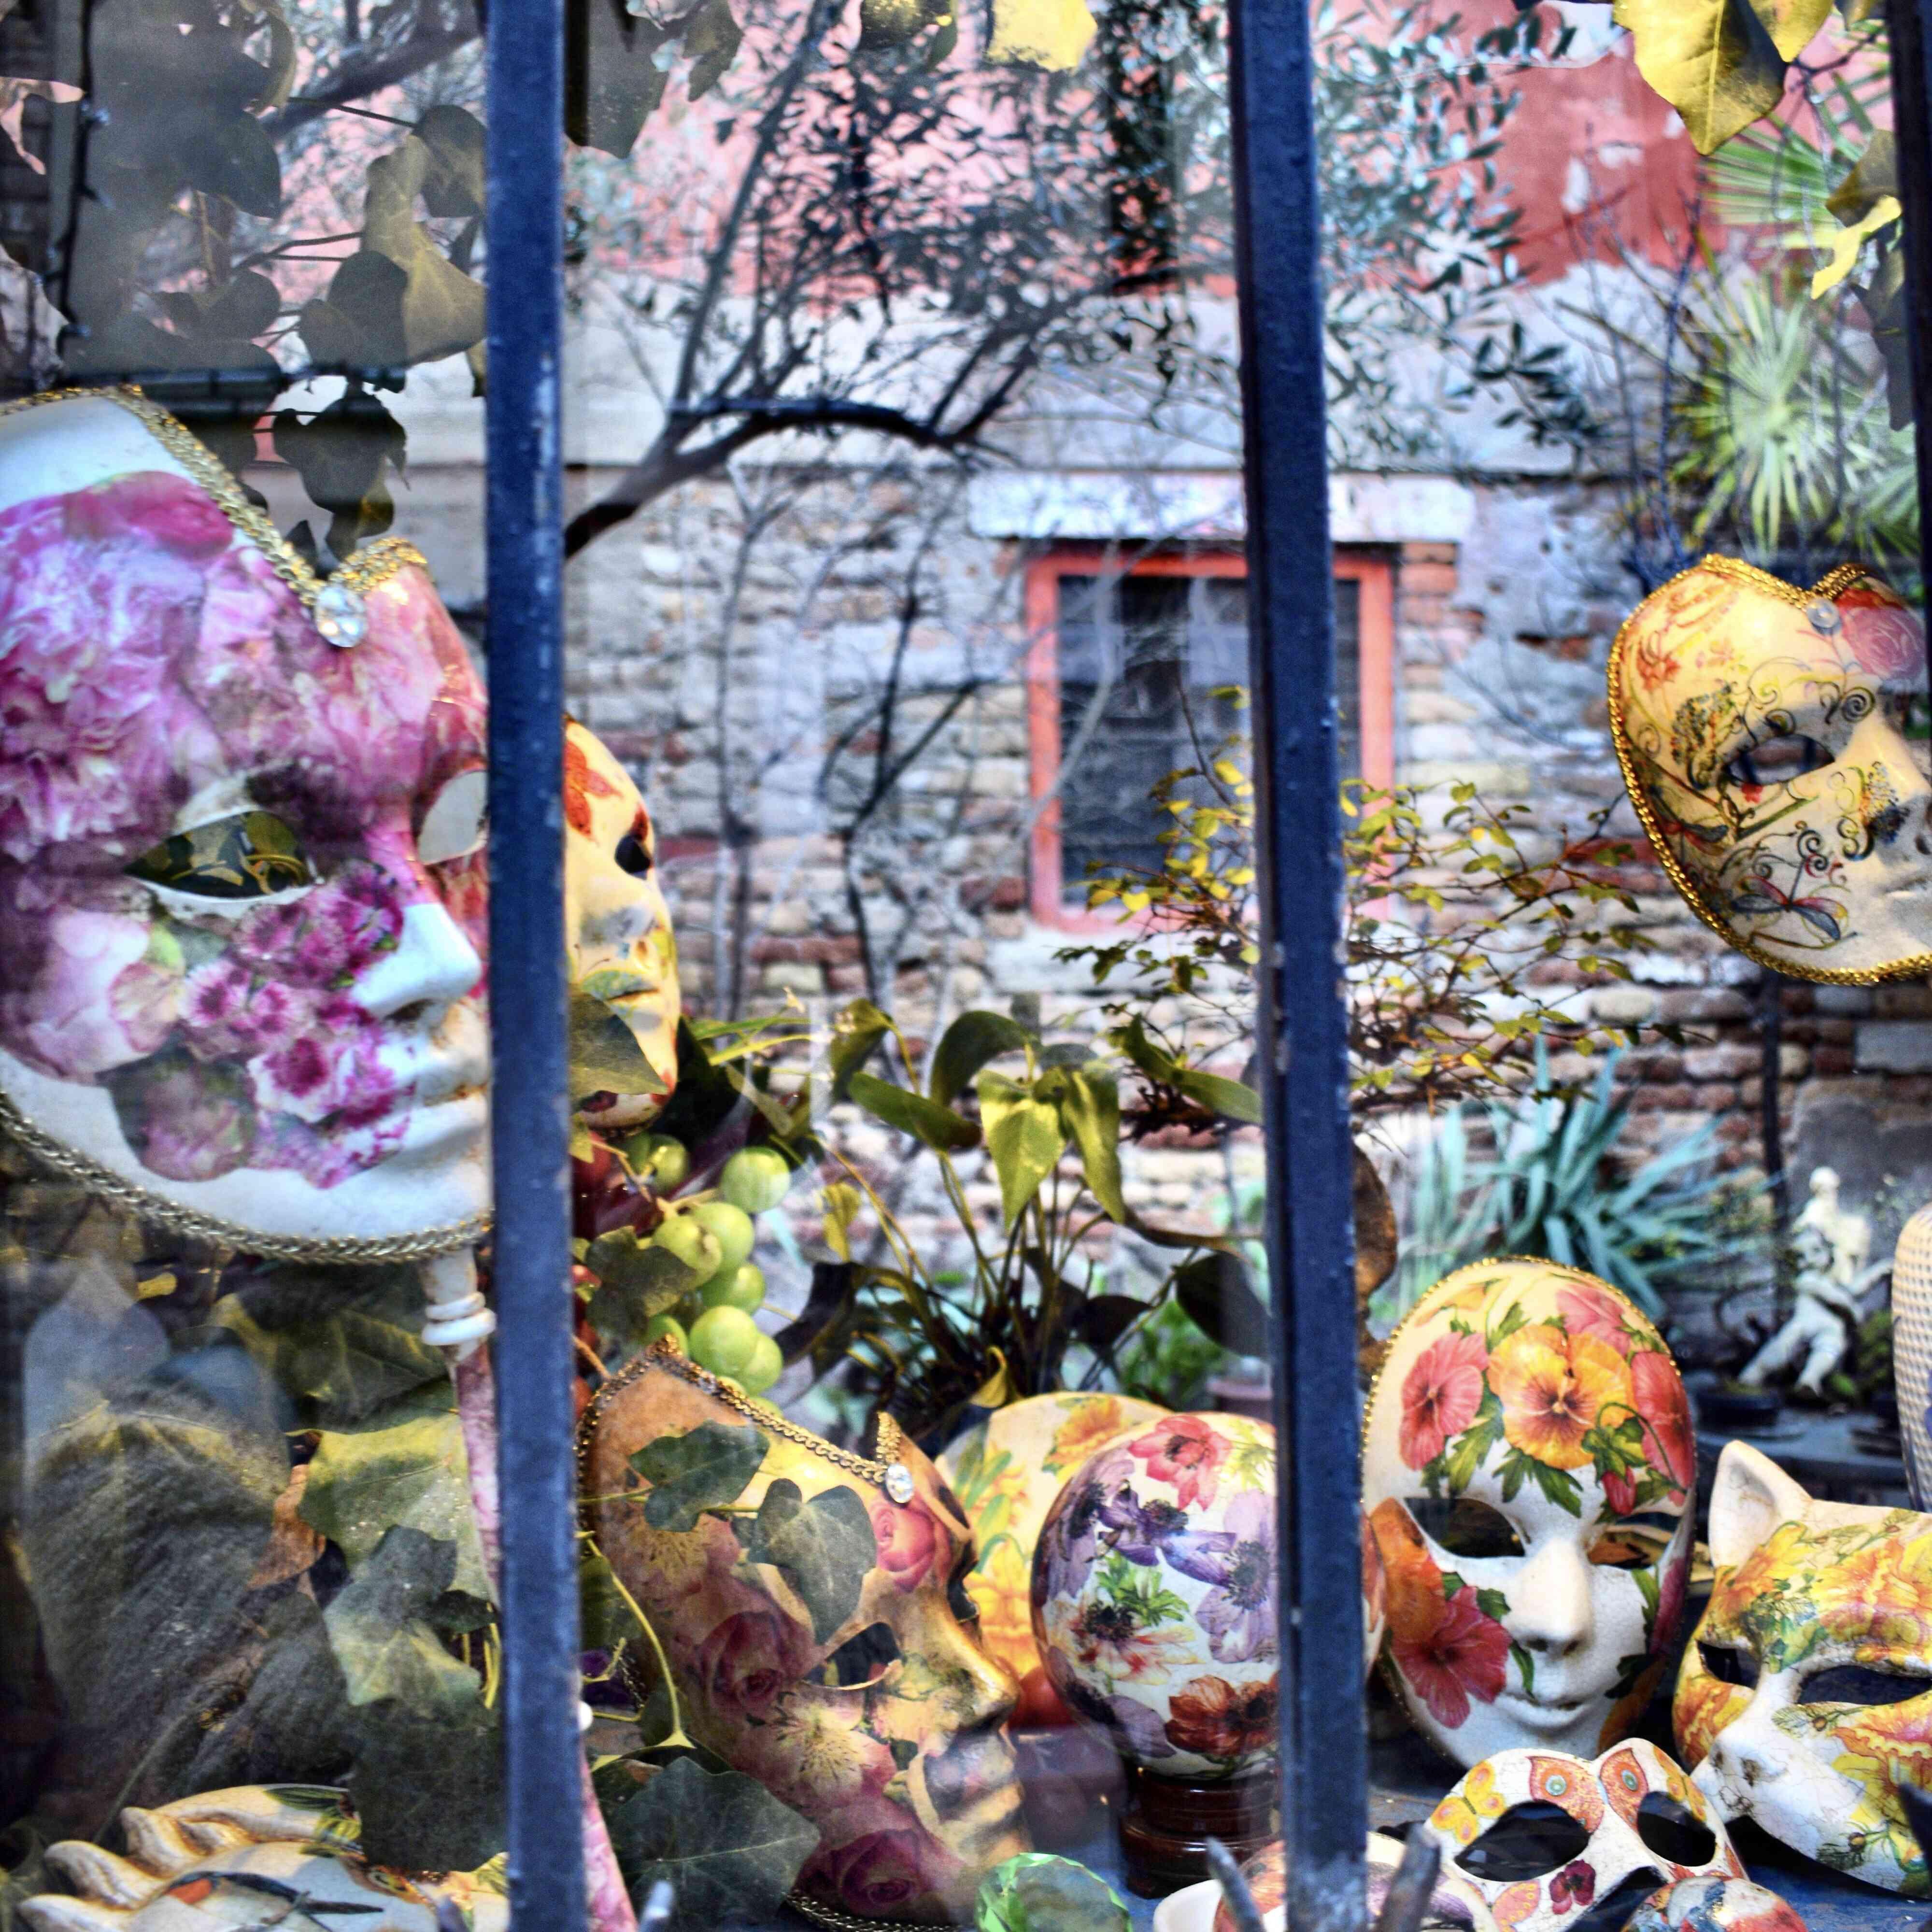 Una tienda de máscaras pintadas en Venecia